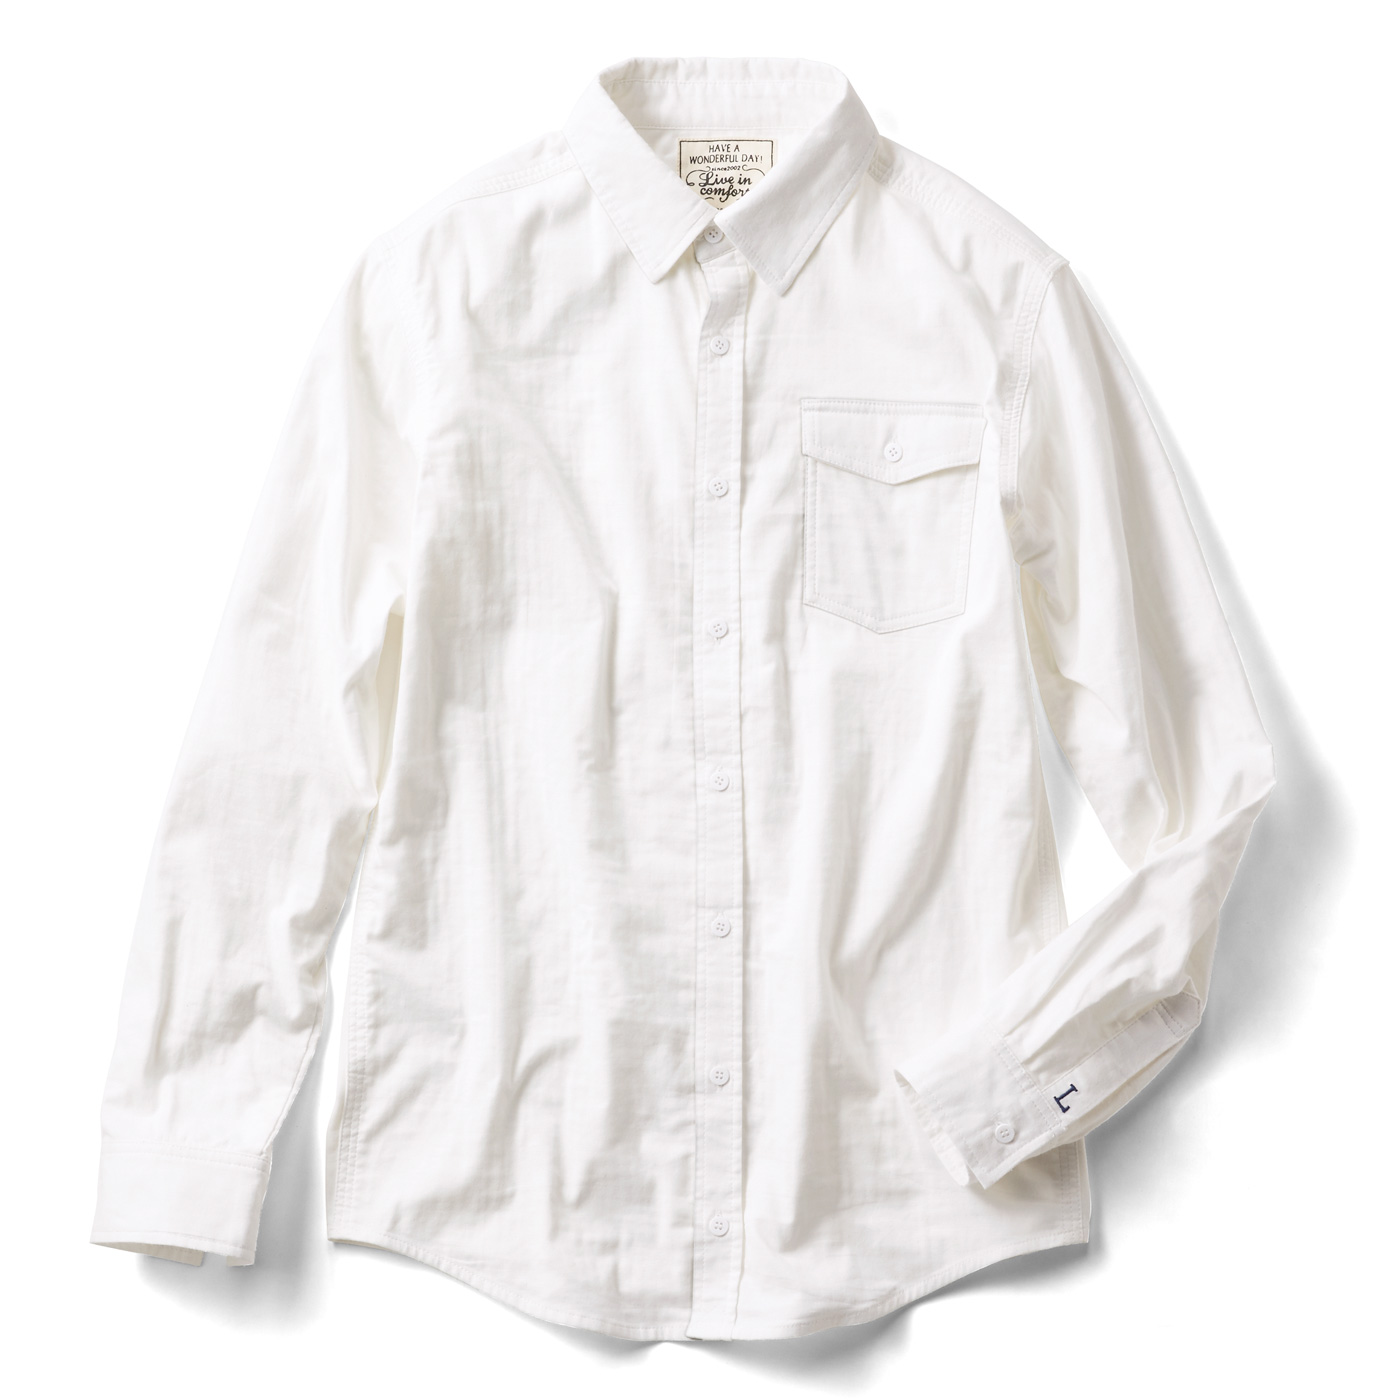 リブ イン コンフォート 重ね着してももたつかない! ストレッチガーゼ×カットソーのメンズ伸びシャツ〈オフホワイト〉